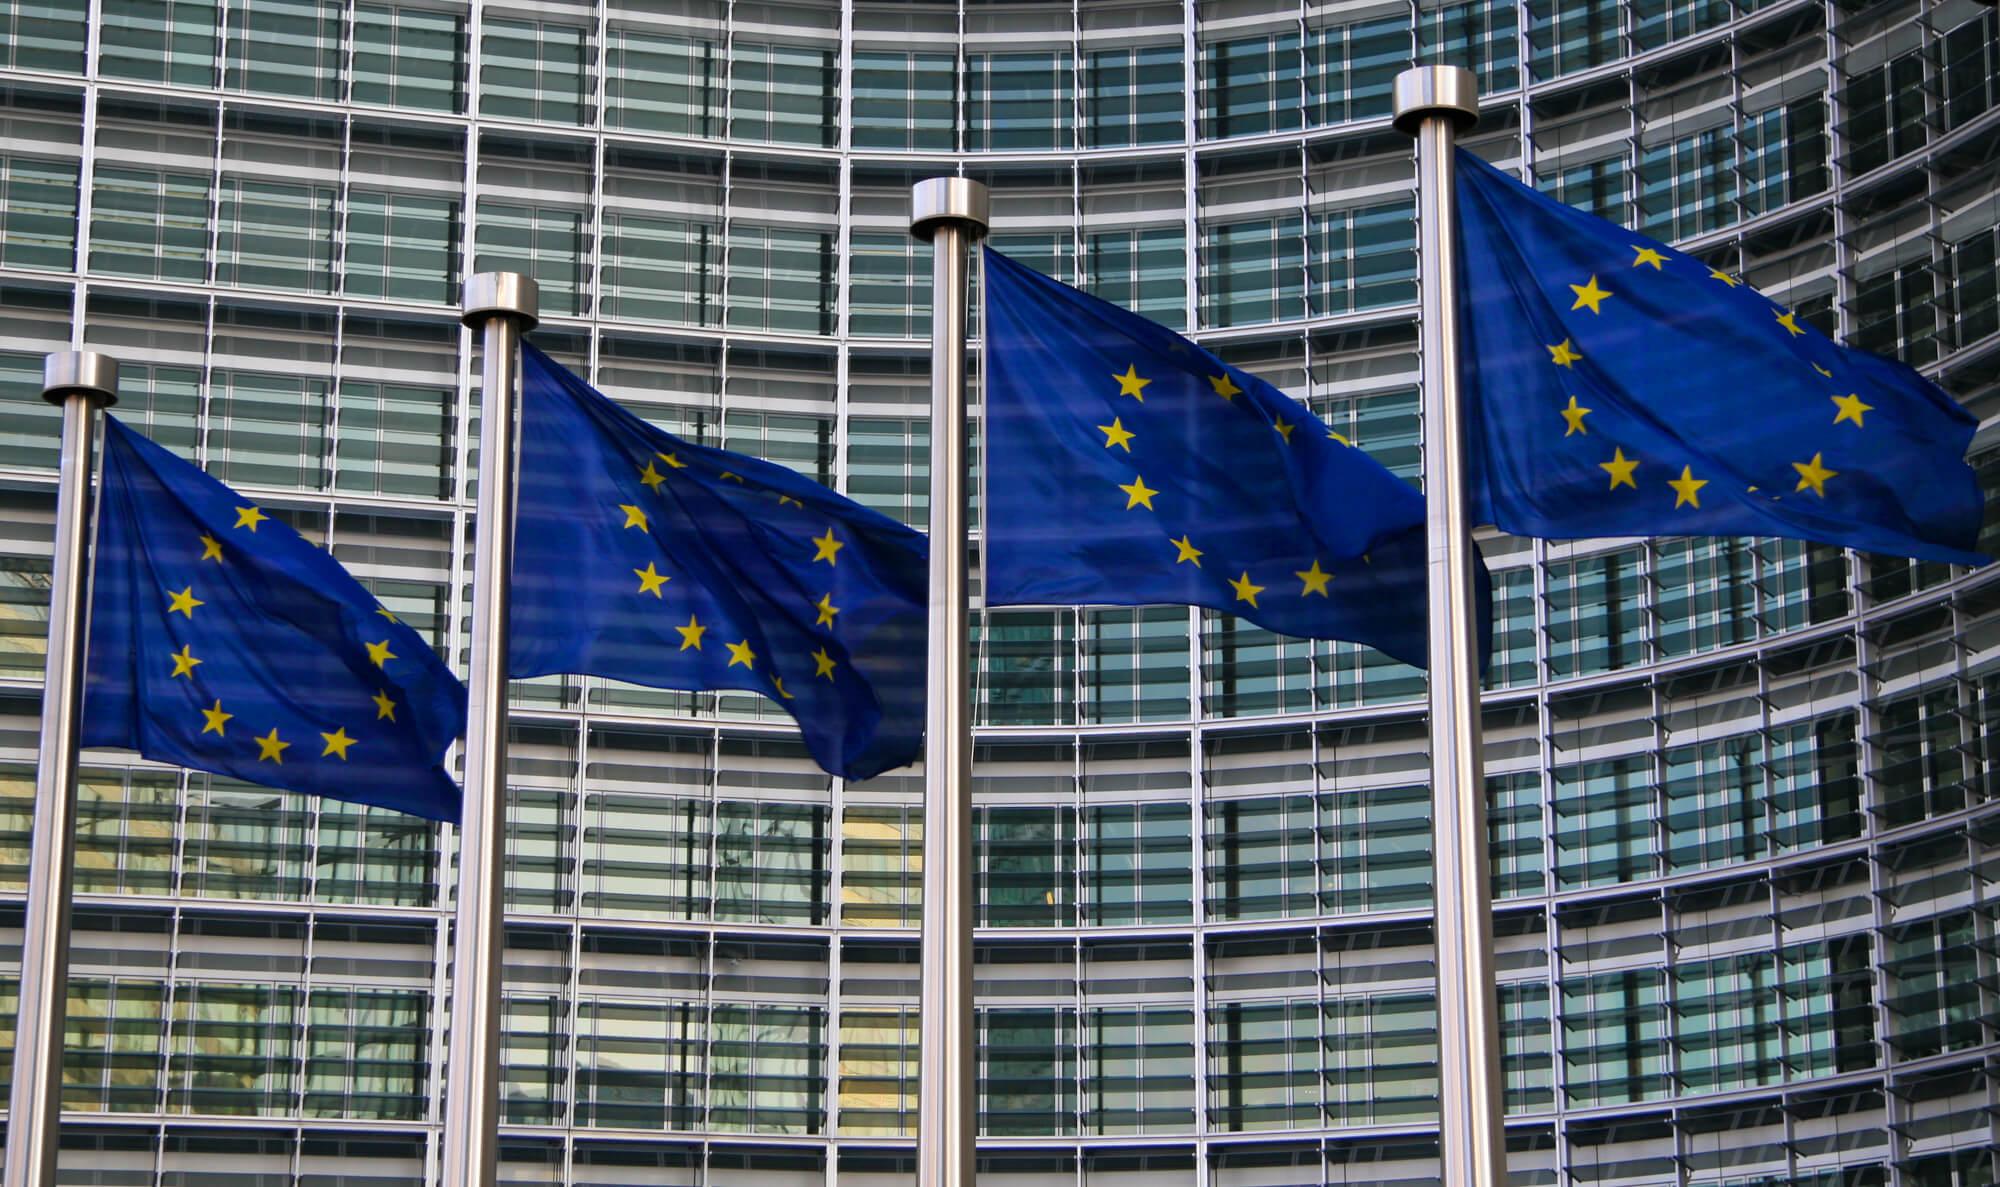 «Геть від Євросоюзу». Російська дезінформація сьомий рік демонізує Угоду про асоціацію між Україною та ЄС